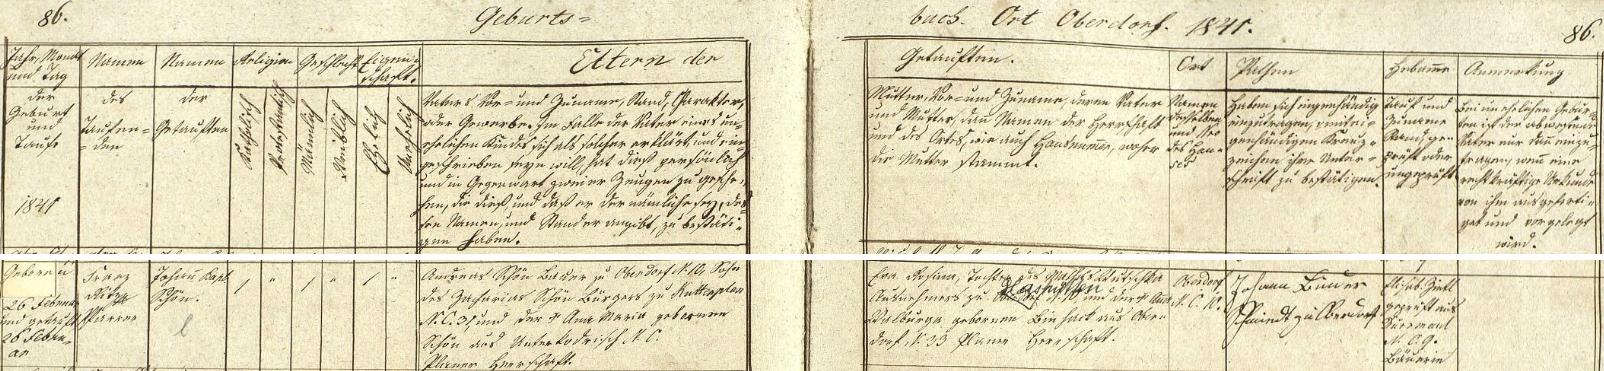 Narodil se podle tohoto záznamu křestní matriky farní obce Trstěnice (Neudorf) 26. února 1841 (ještě téhož dne byl v trstěnickém farním kostele sv. Víta i pokřtěn) v Horní Vsi (Oberdorf) na stavení čp. 10, kde hospodařil jeho otec Andreas Schön, syn měšťana v Chodové Plané (Kuttenplan) čp. 31 Zachariase Schöna a jeho ženy Anny Marie, roz. Schönové z Dolní Jadruže (Unterkodrisch), se svou ženou a novorozencovou matkou Ewou Rosinou, dcerou Matthäuse Wutschka, výminkáře ve Skelných Hutích (Glashütten) a Anny Walburgy, roz. Binhackové z Horní Vsi čp. 33